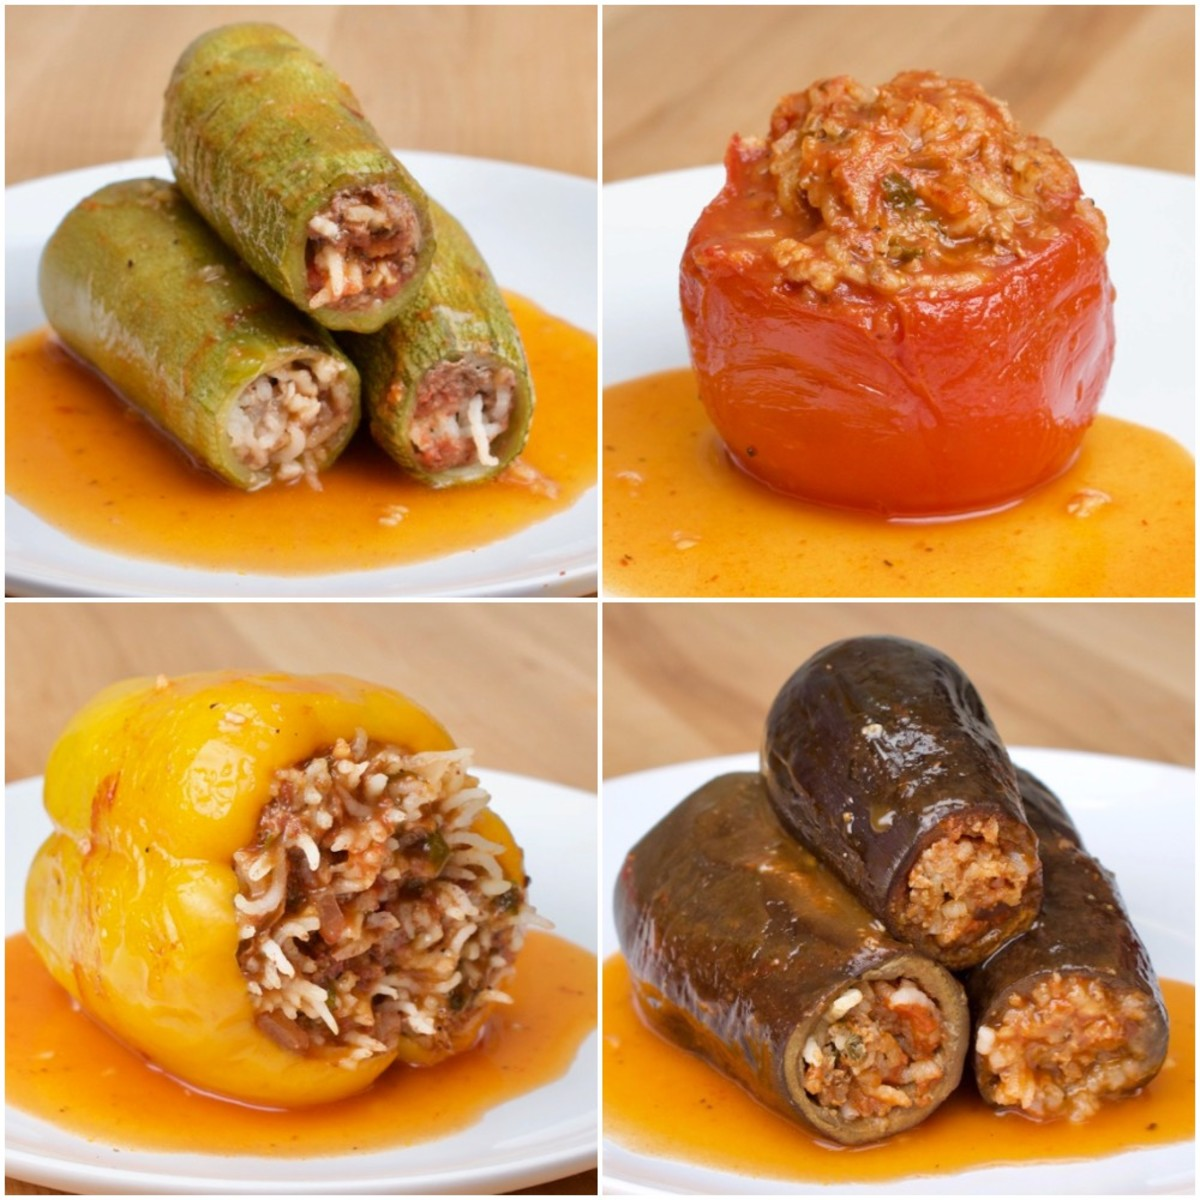 middle-eastern-stuffed-vegetables-4-wayss-jewlish